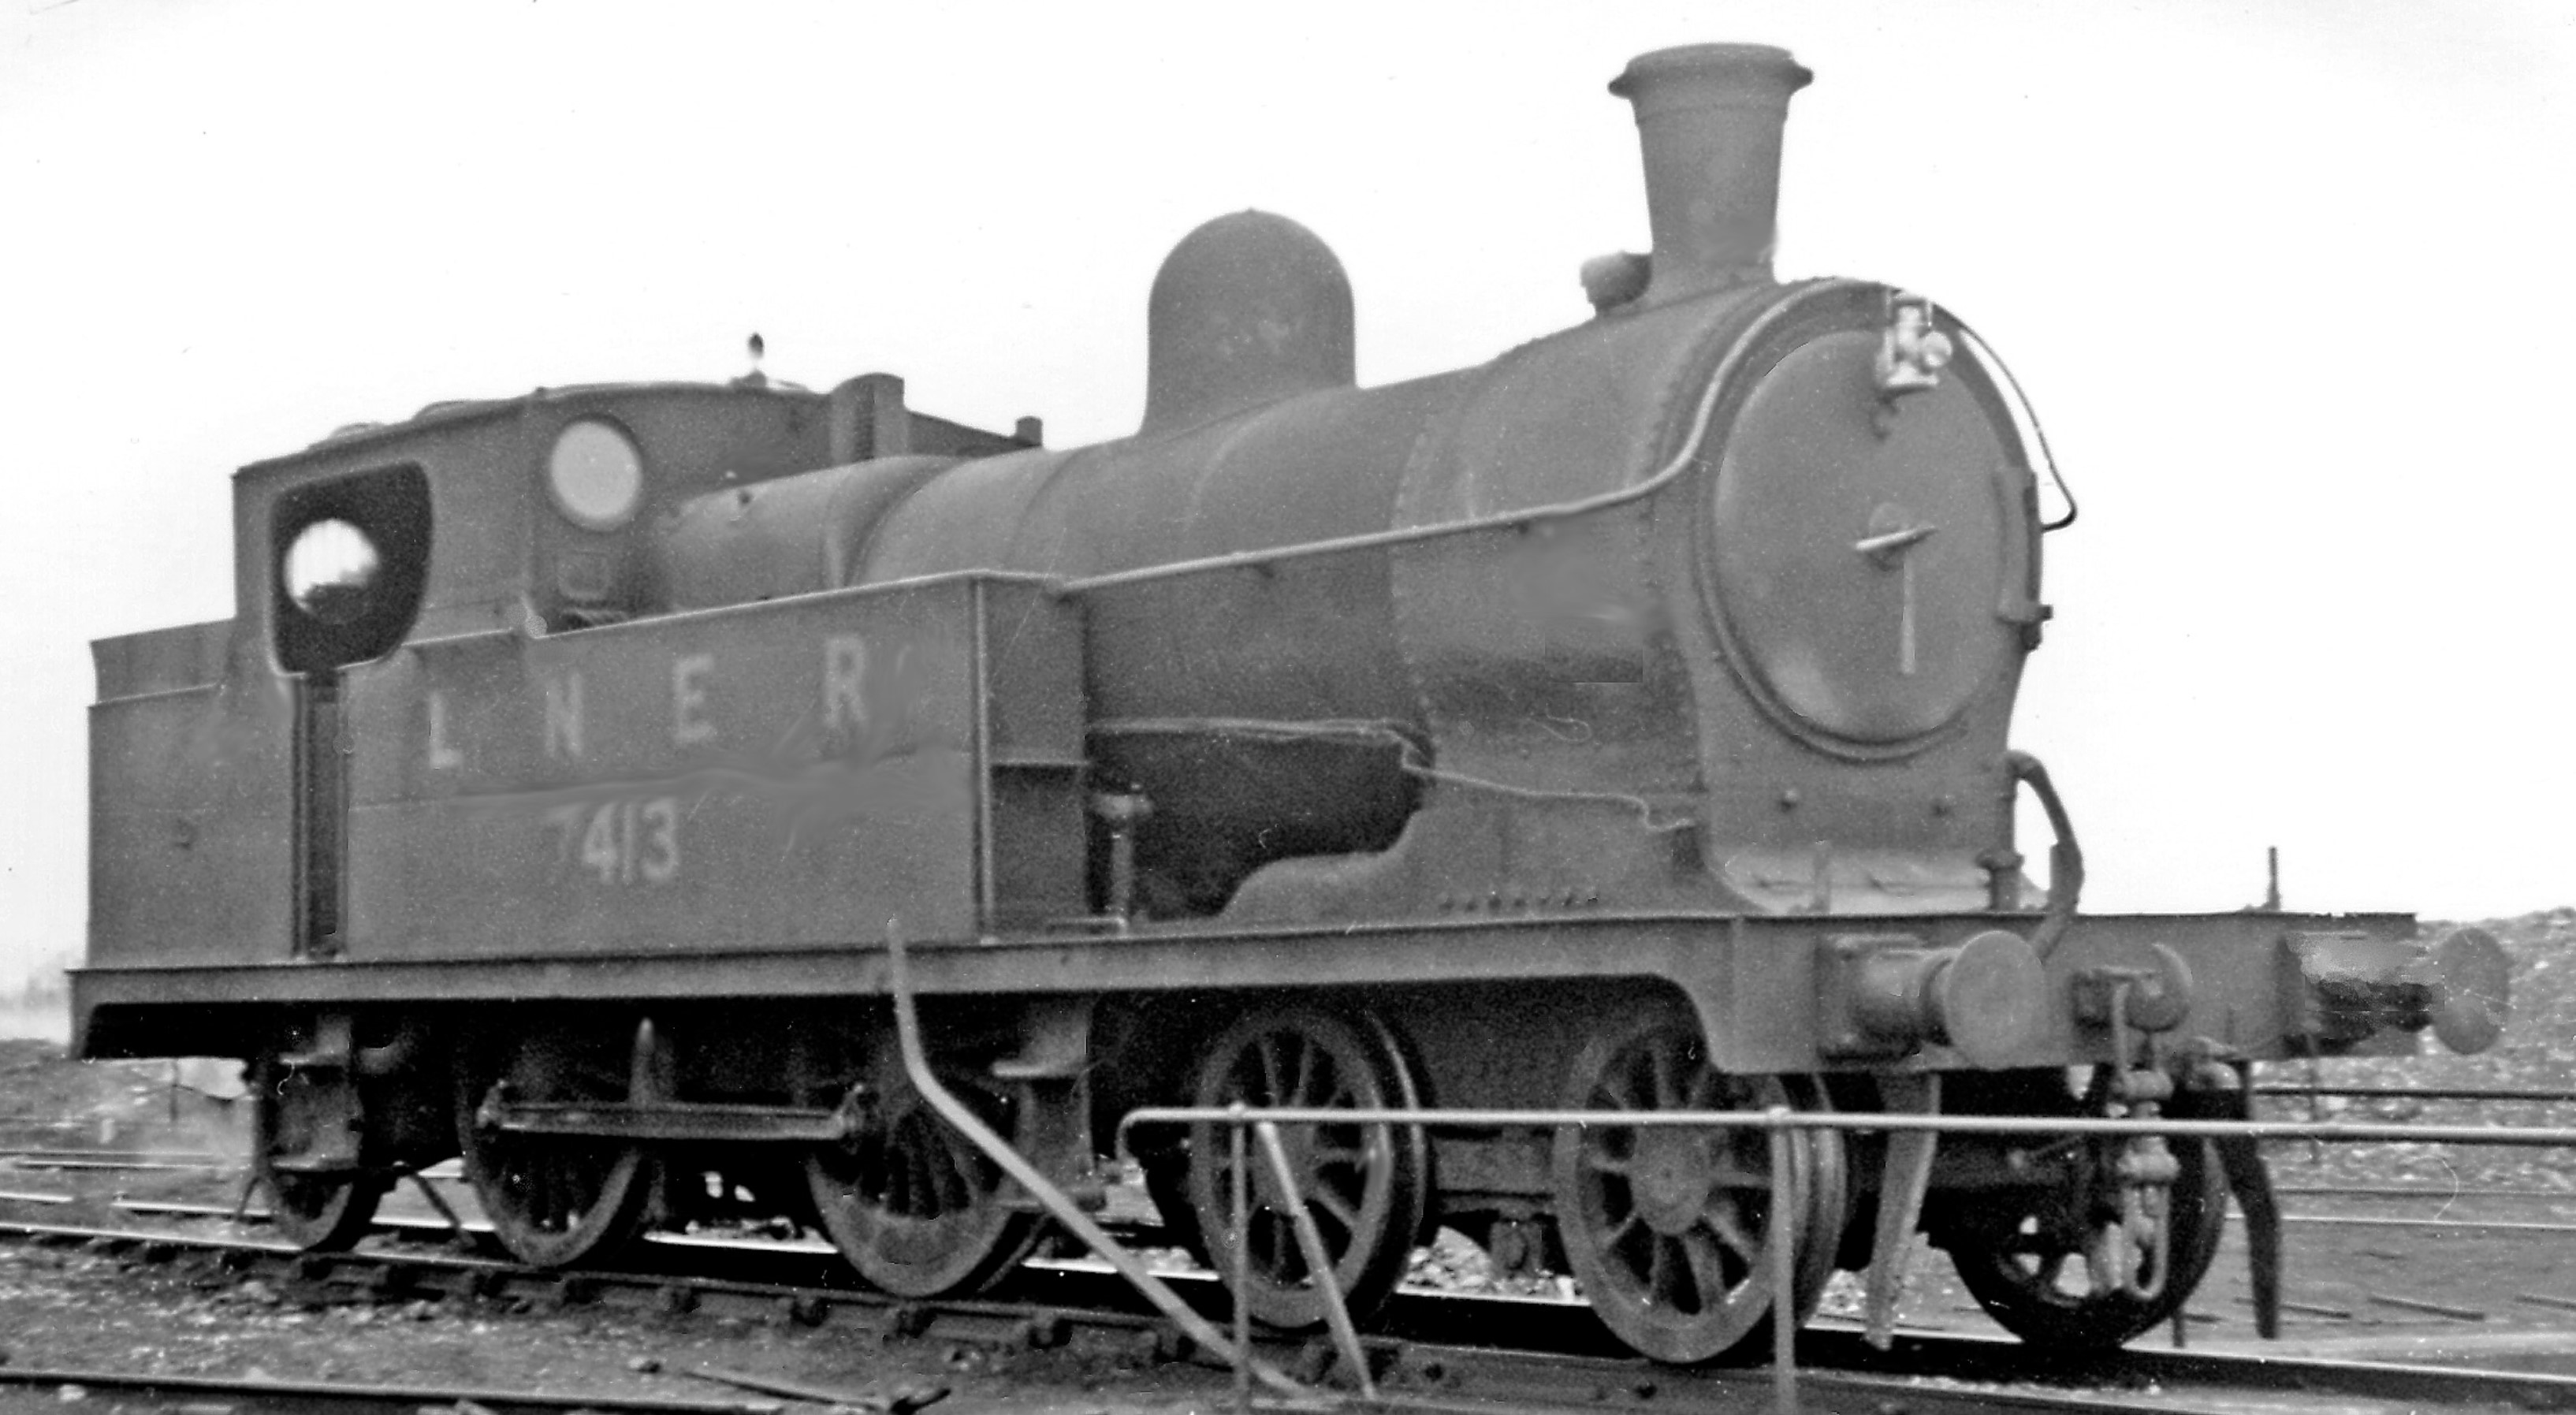 7413 at Chester Northgate Locomotive Depot in September 1947. ©Ben Brooksbank